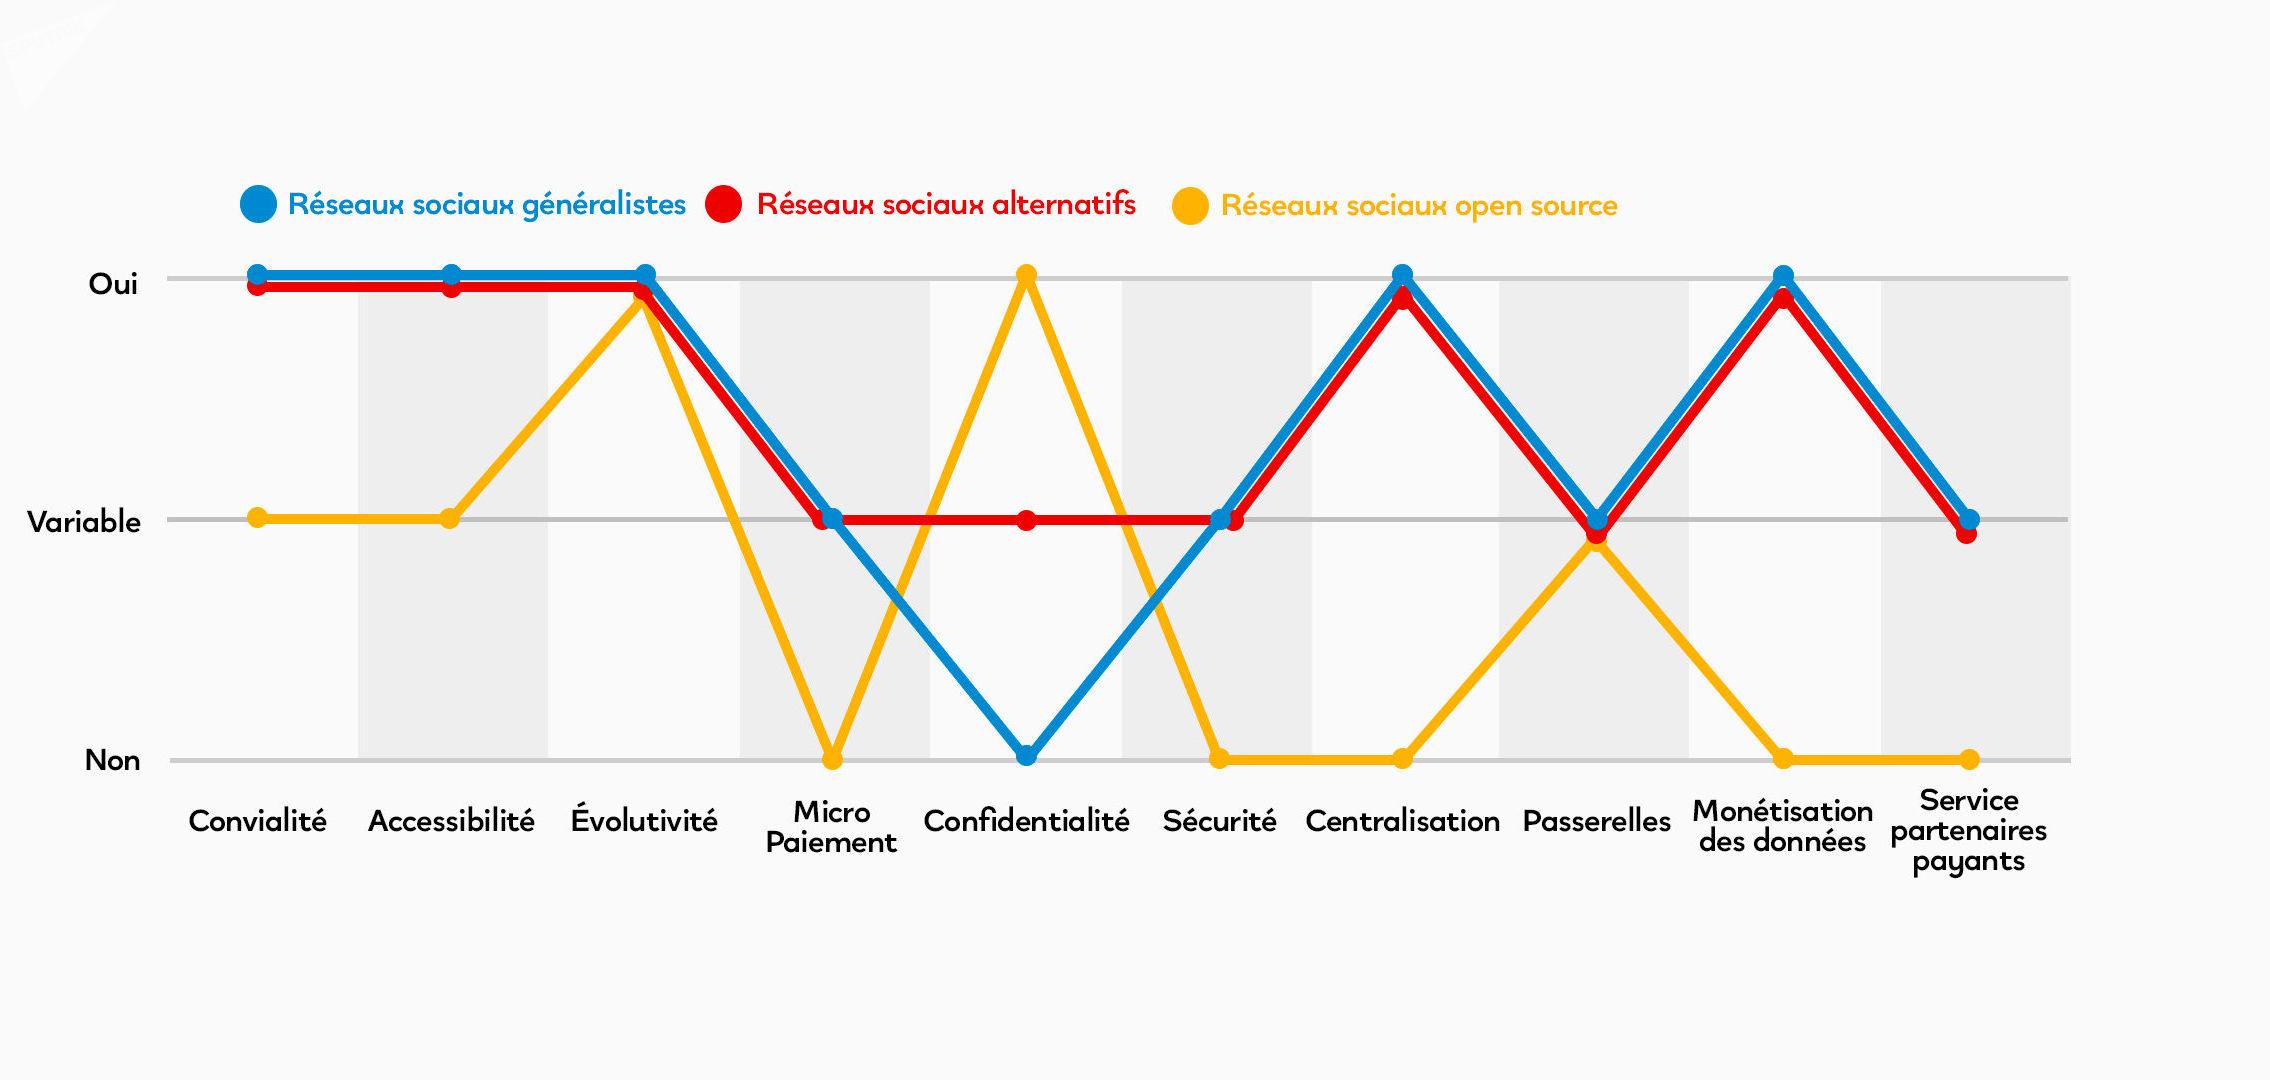 Comparaison de fonctionnalités des réseaux sociaux